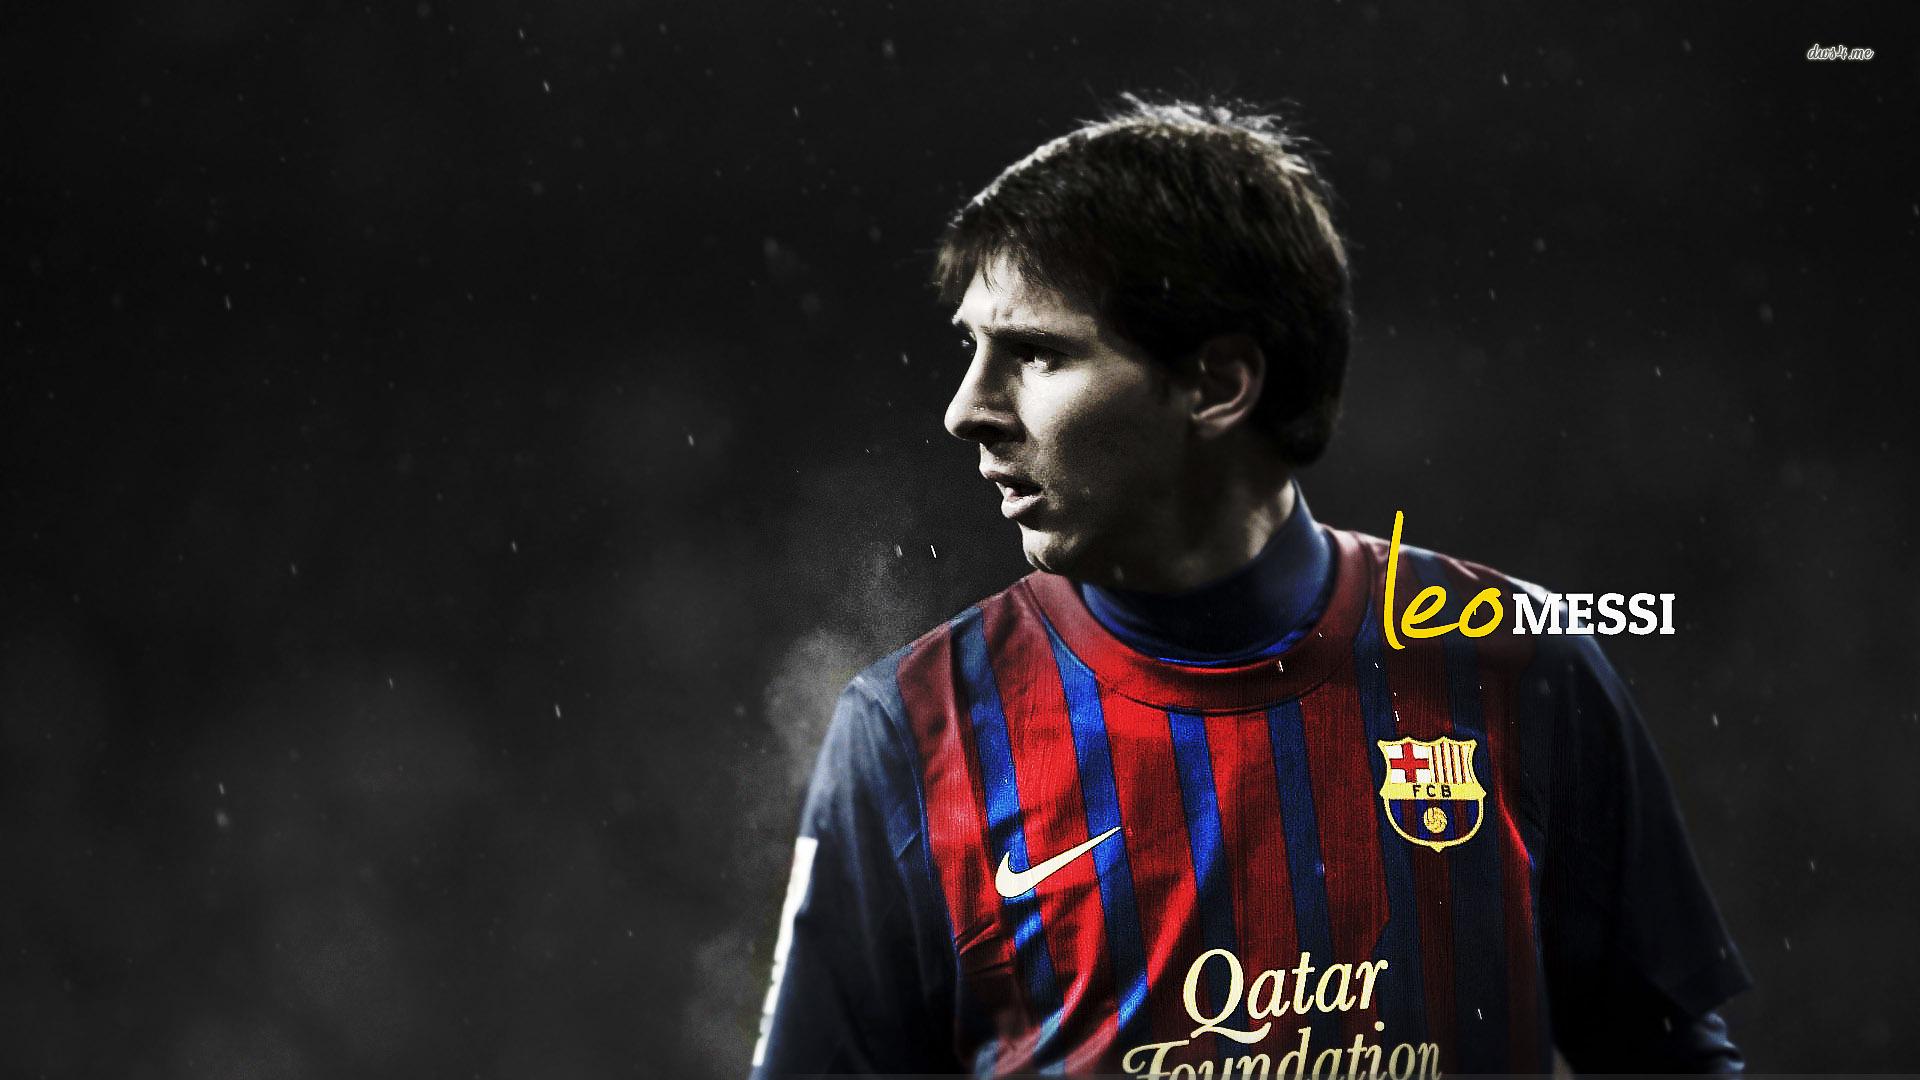 Messi Wallpaper qatar